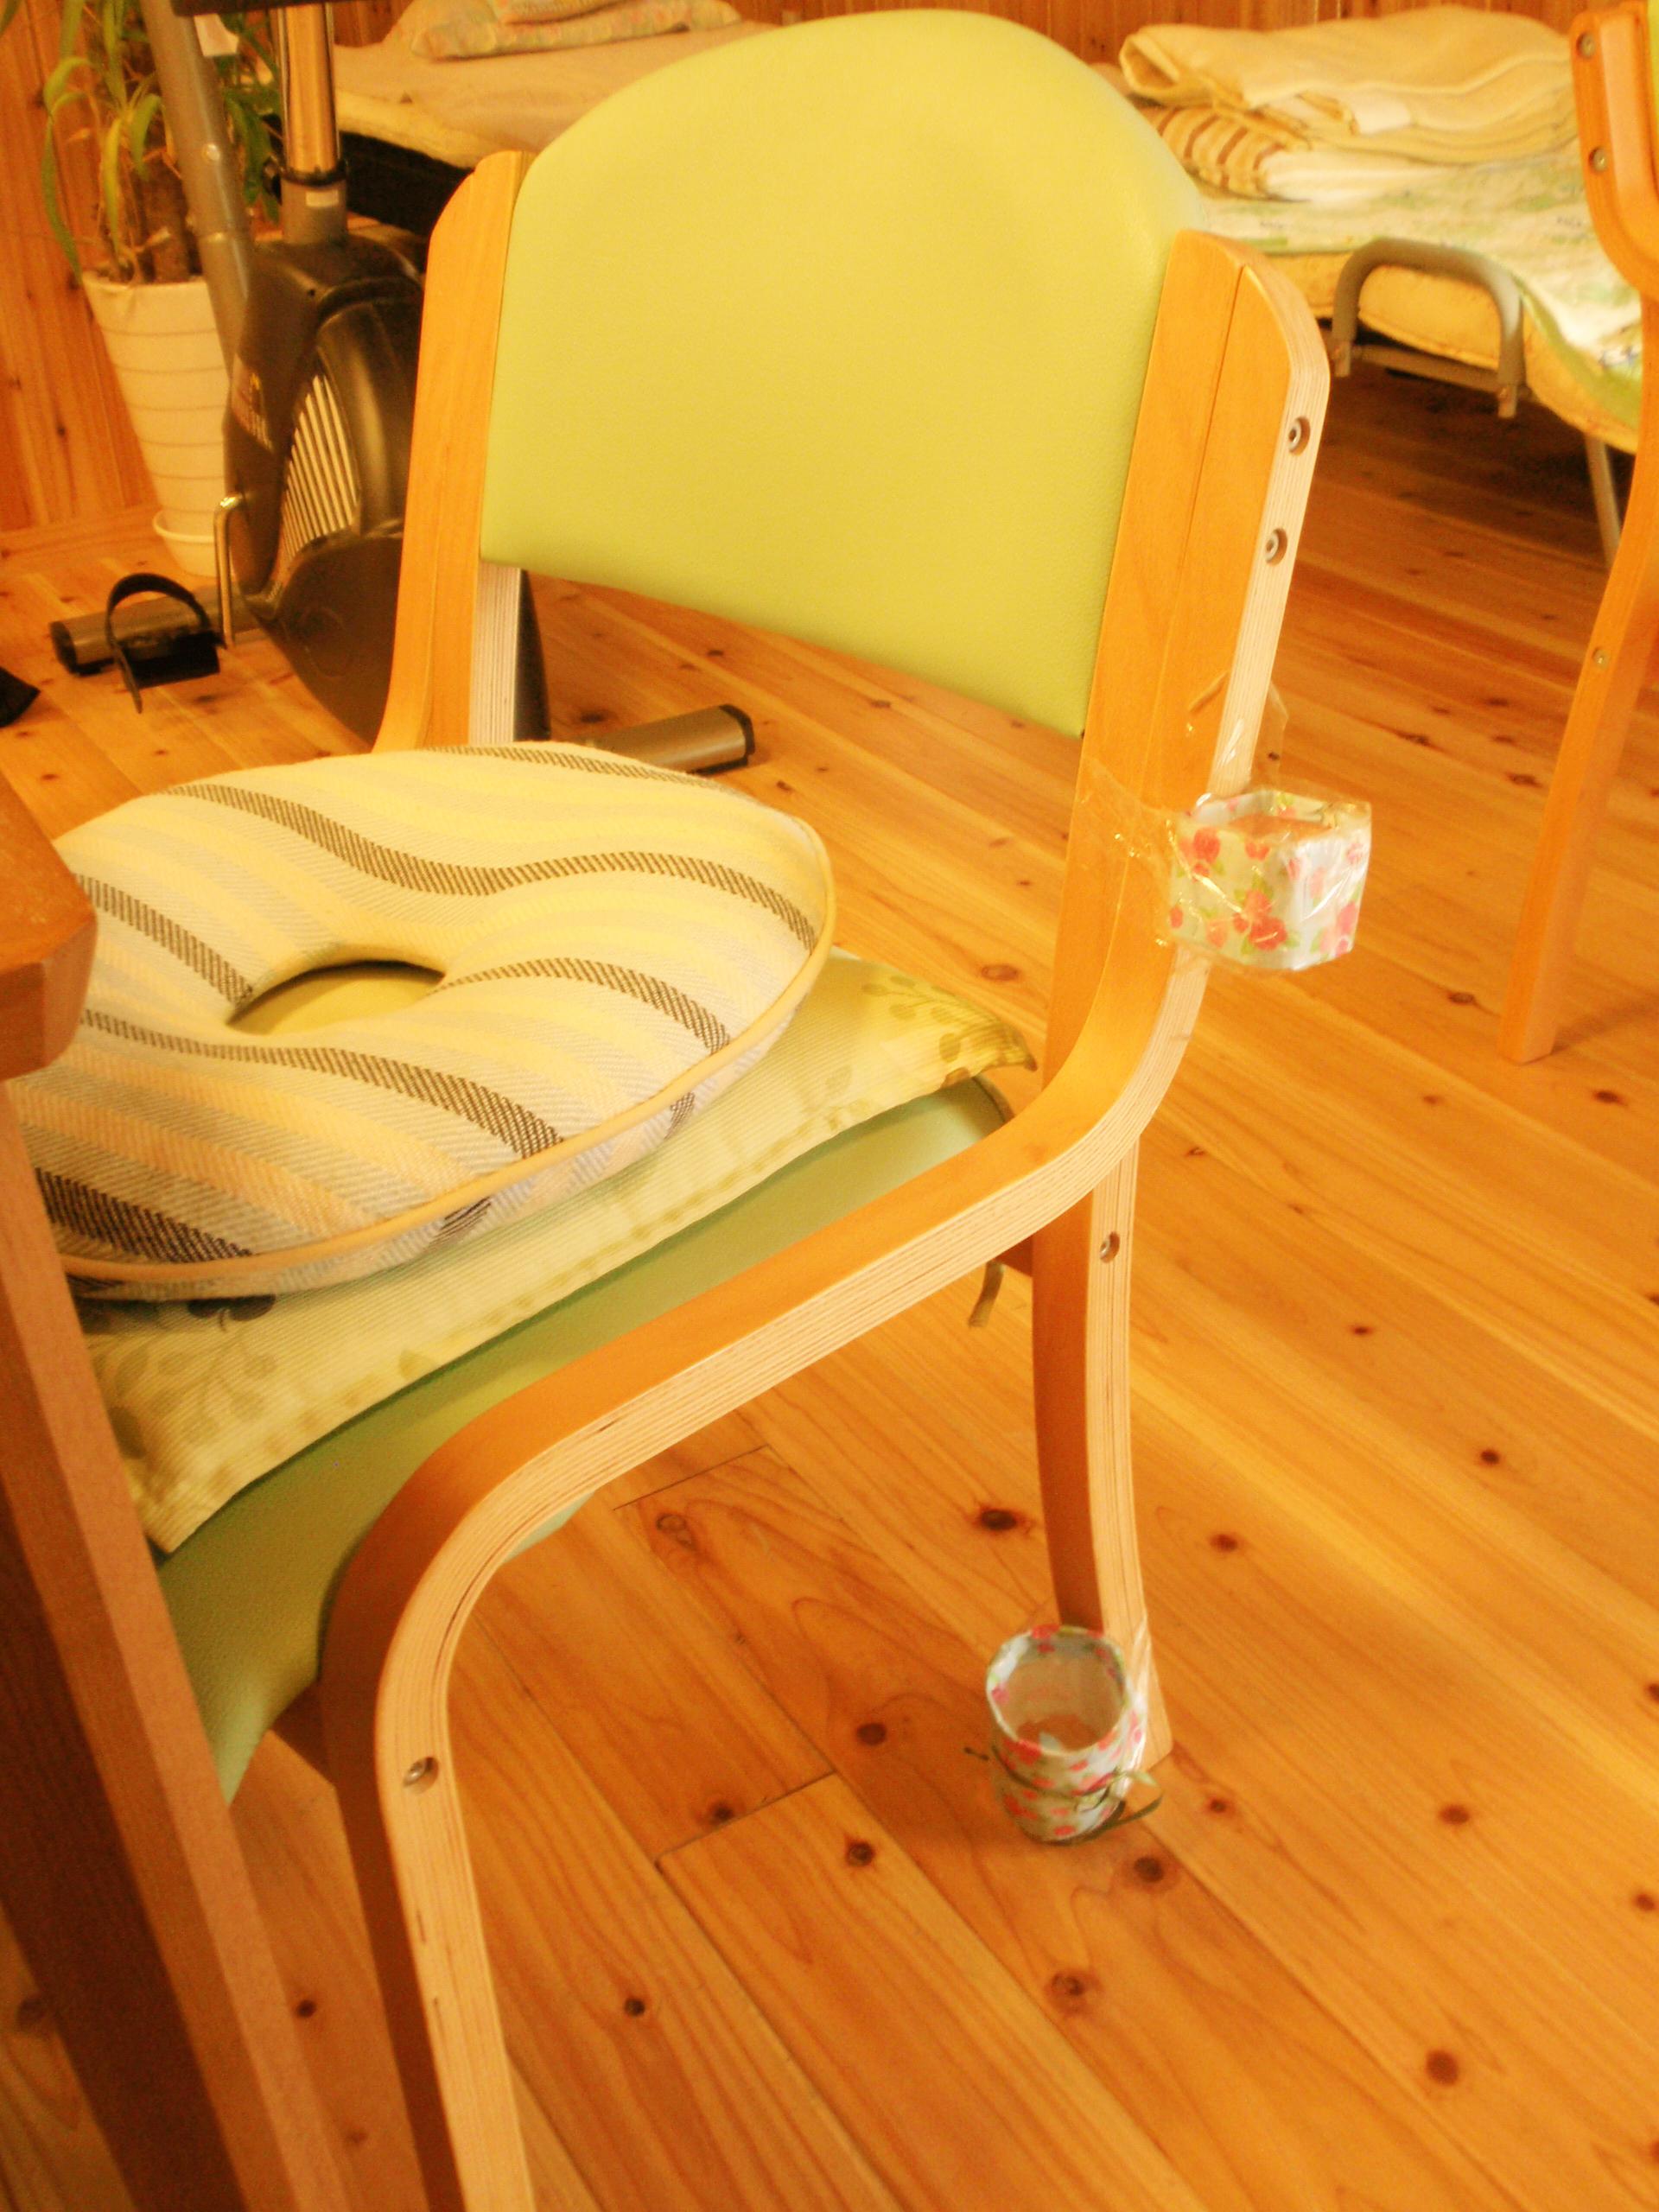 思いやり倶楽部施設談話スペース椅子画像